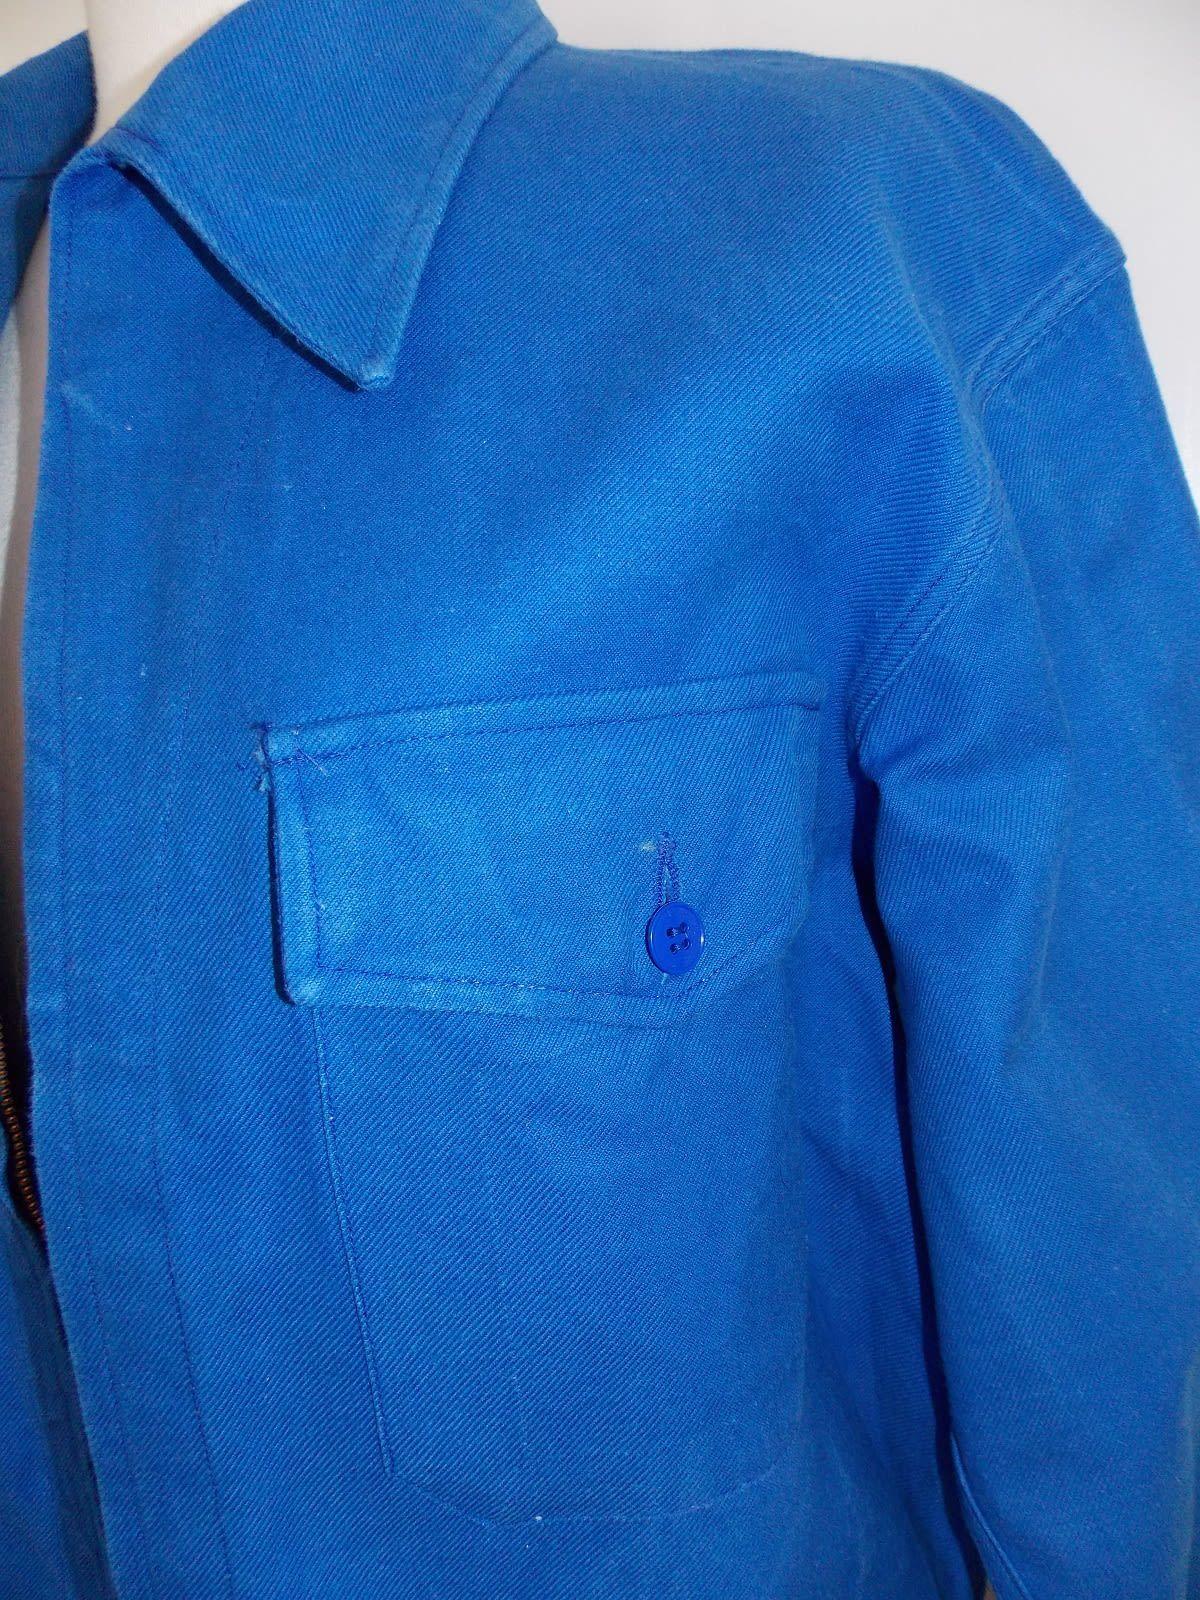 Vestes - Blouson bleu de travail